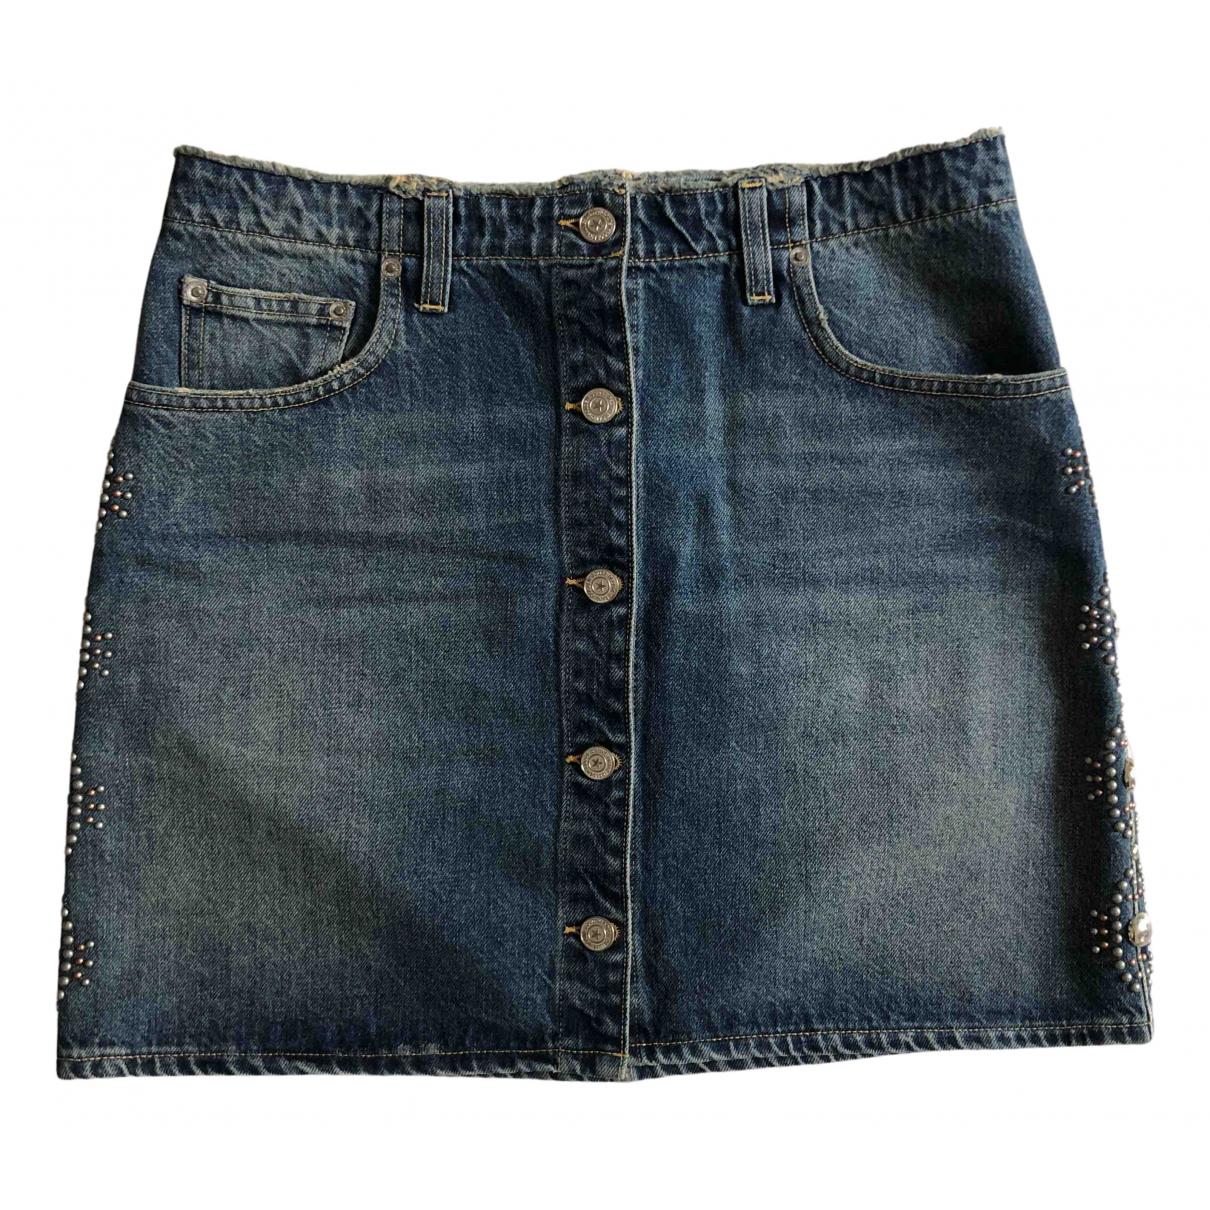 Golden Goose \N Blue Denim - Jeans skirt for Women M International